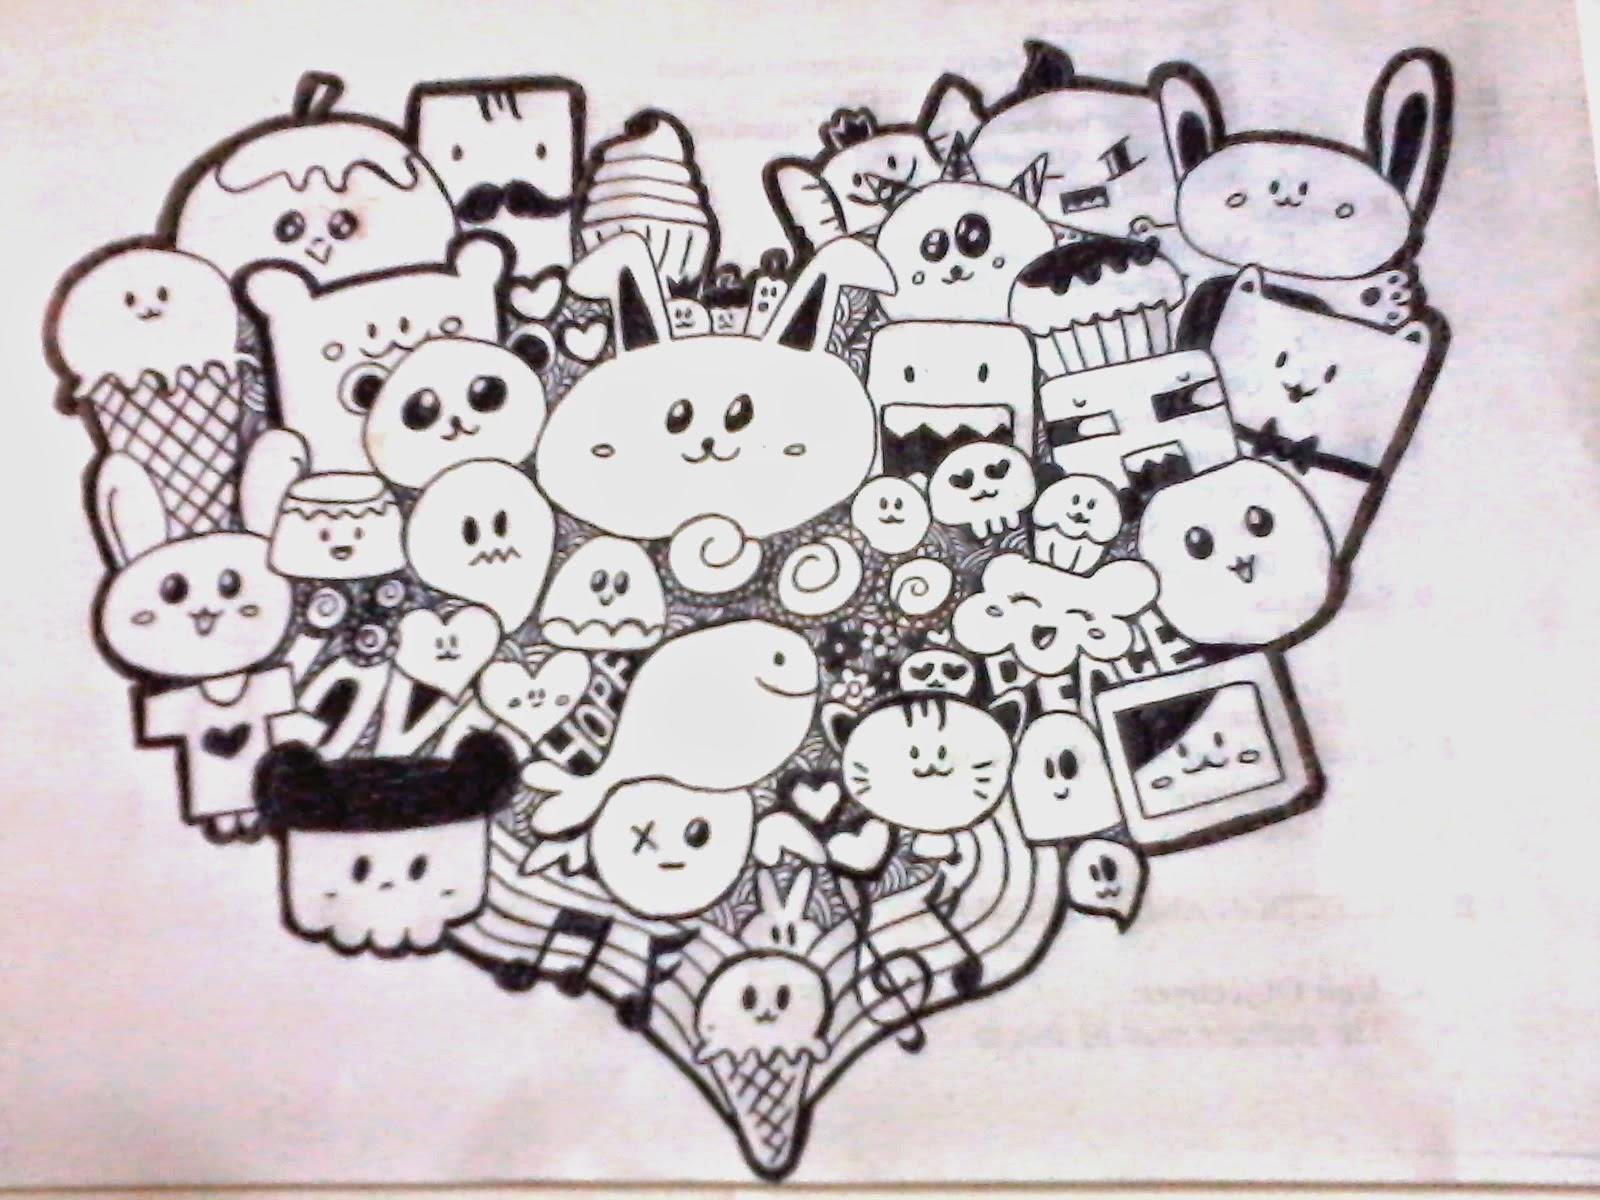 Gambar Doodle Nama Ayu Medsos Kini